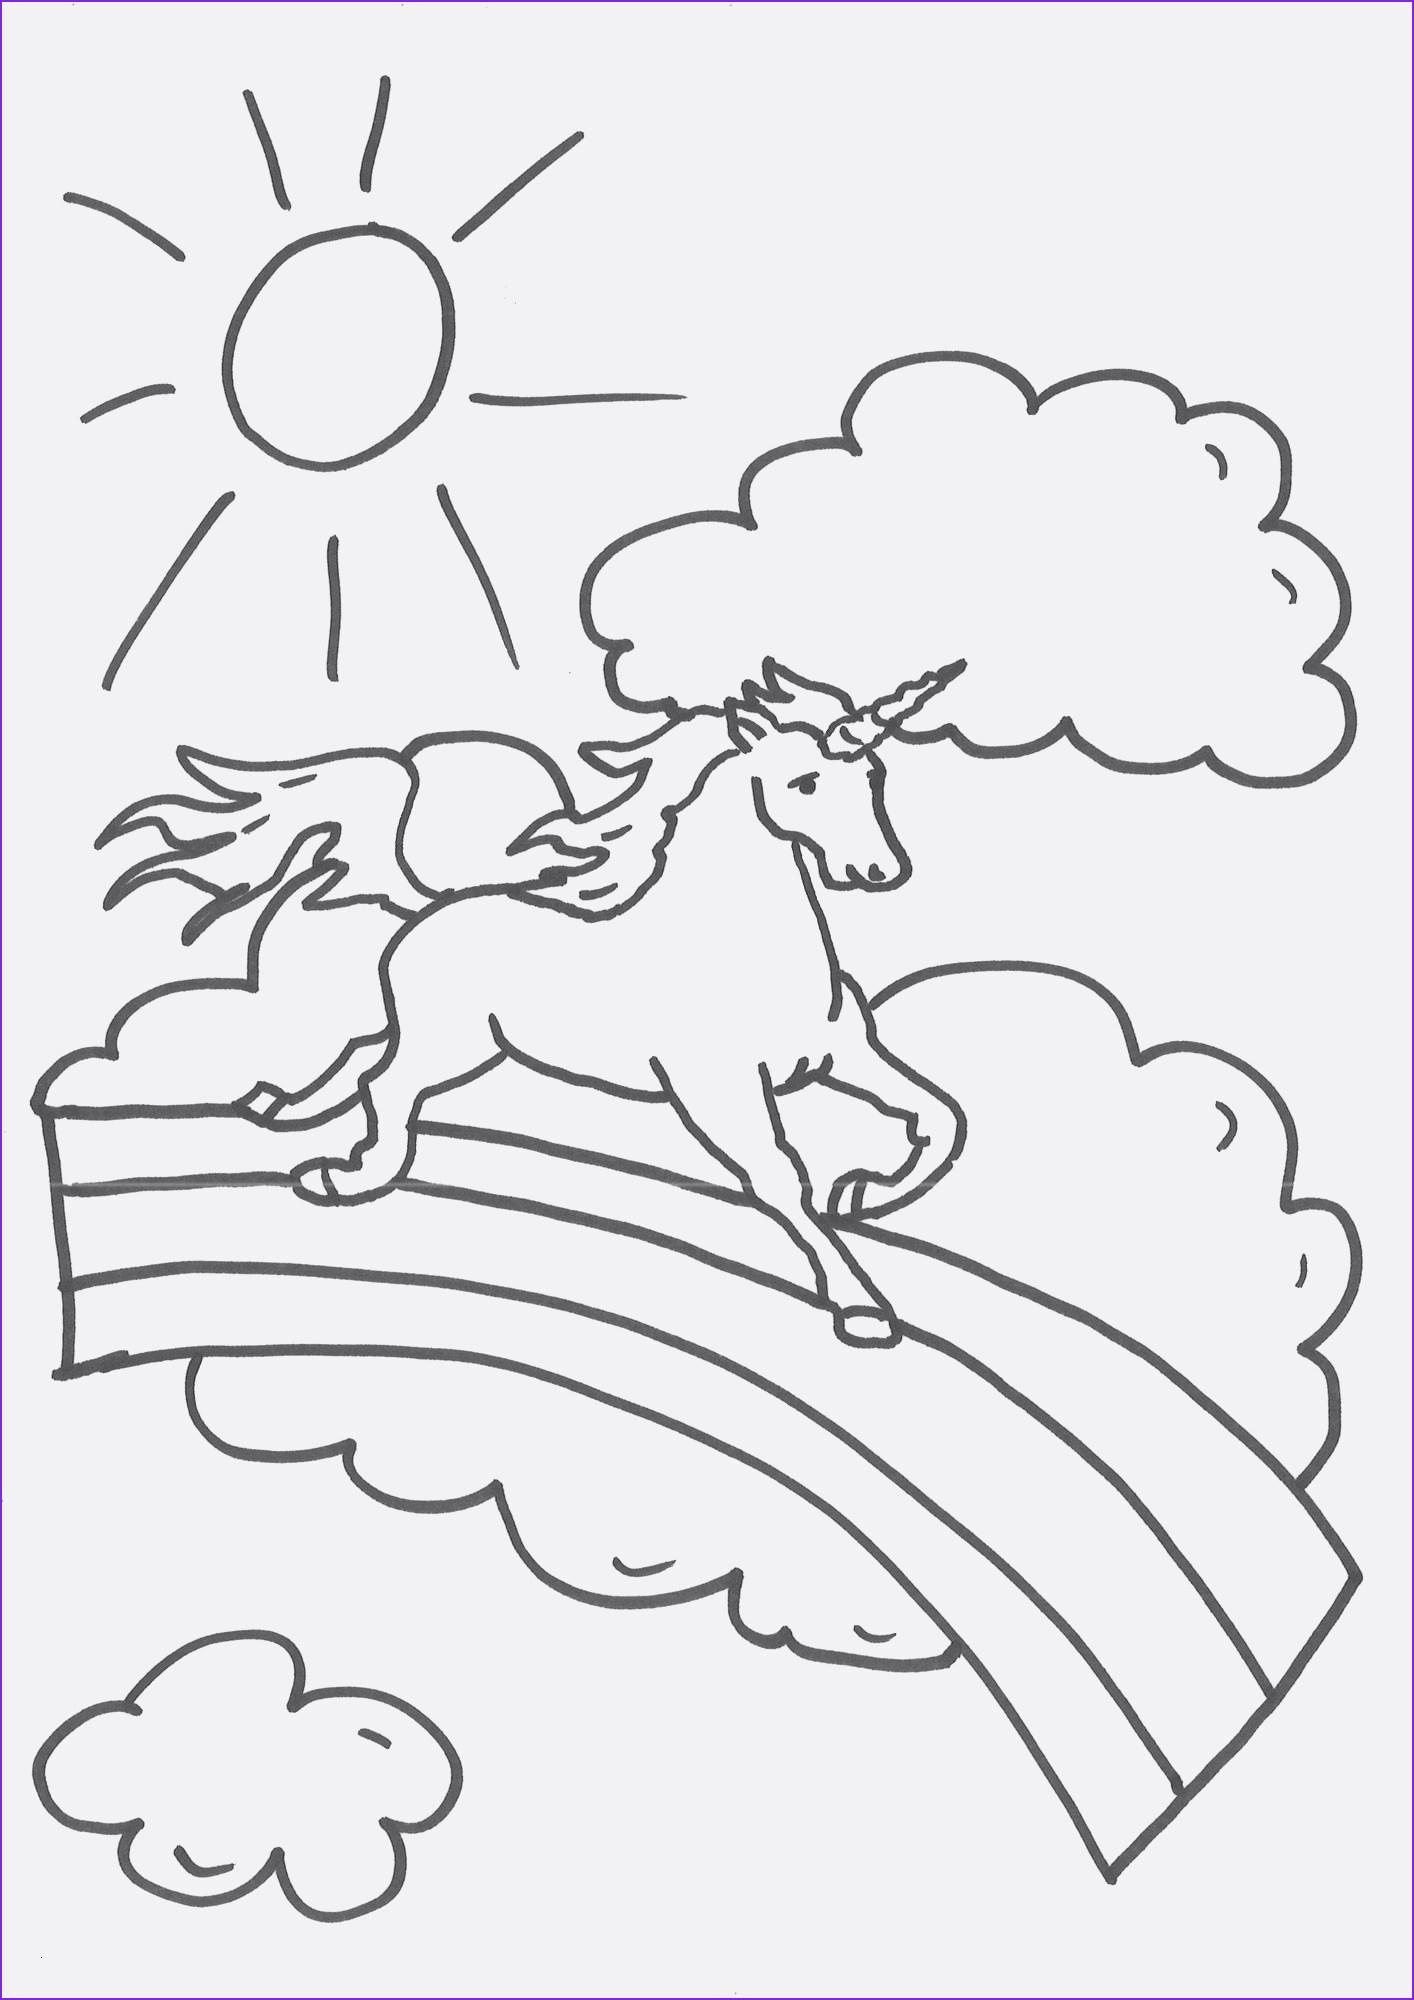 Ausmalbilder Lightning Mcqueen Frisch Ausmalbilder Prinzessin Einzigartig Malvorlagen Igel Best Igel Bilder